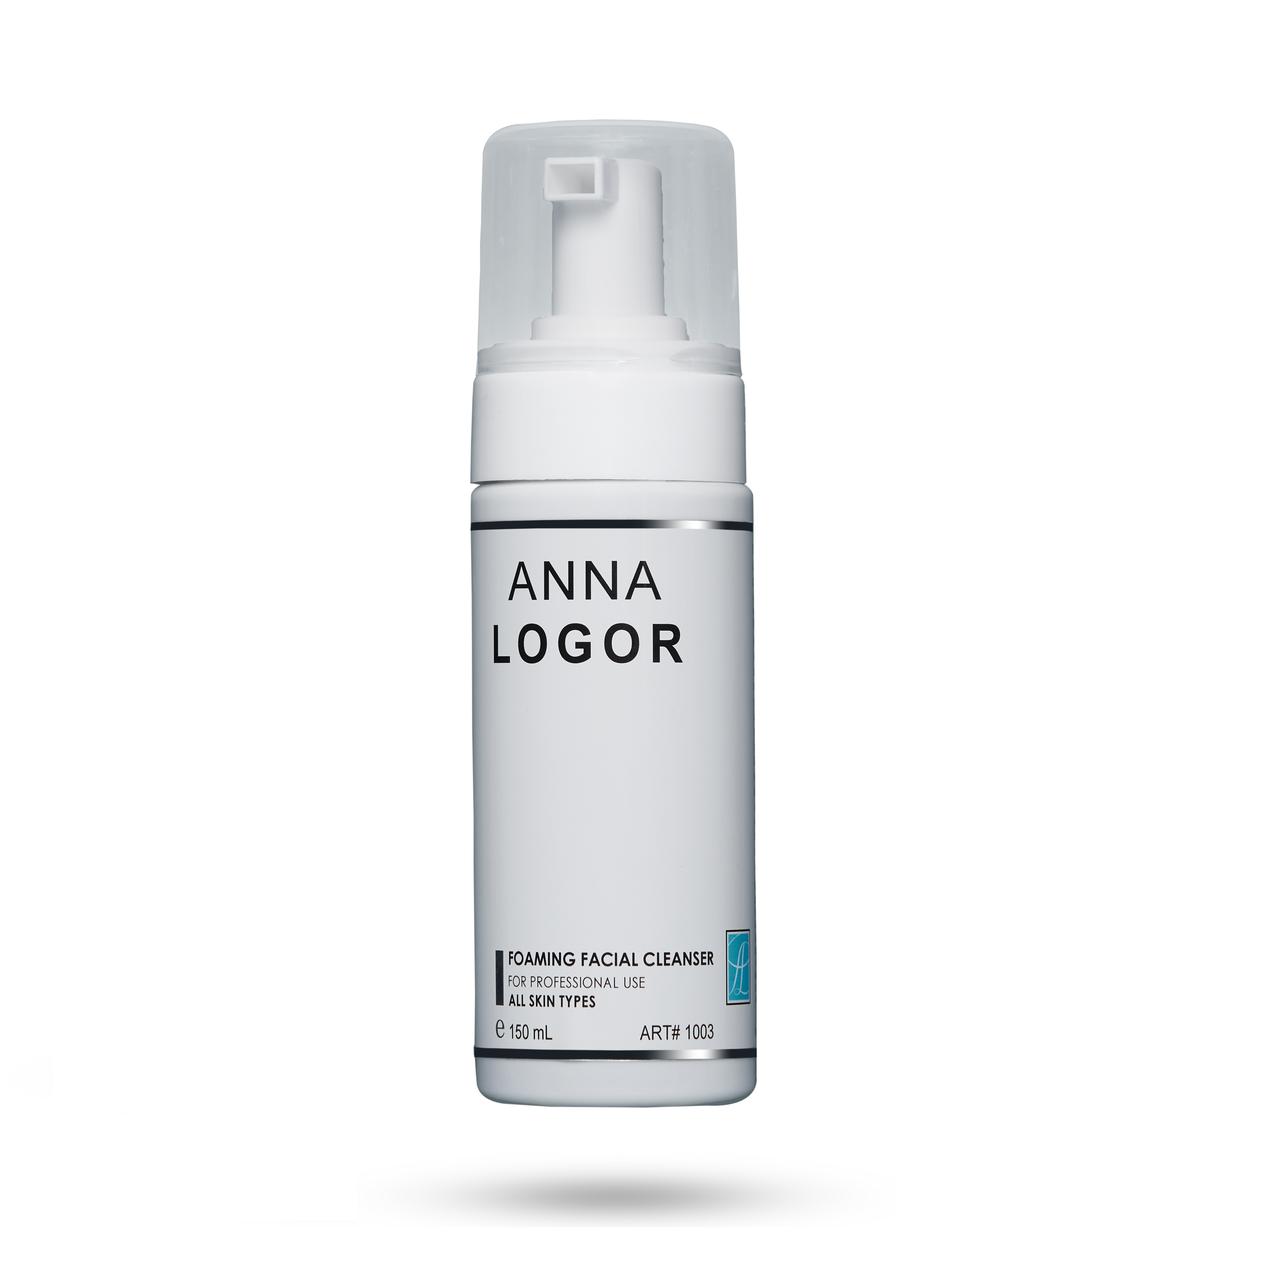 Очиститель лица пенный Anna LOGOR Foaming Facial Cleanser 150 ml Art.1003